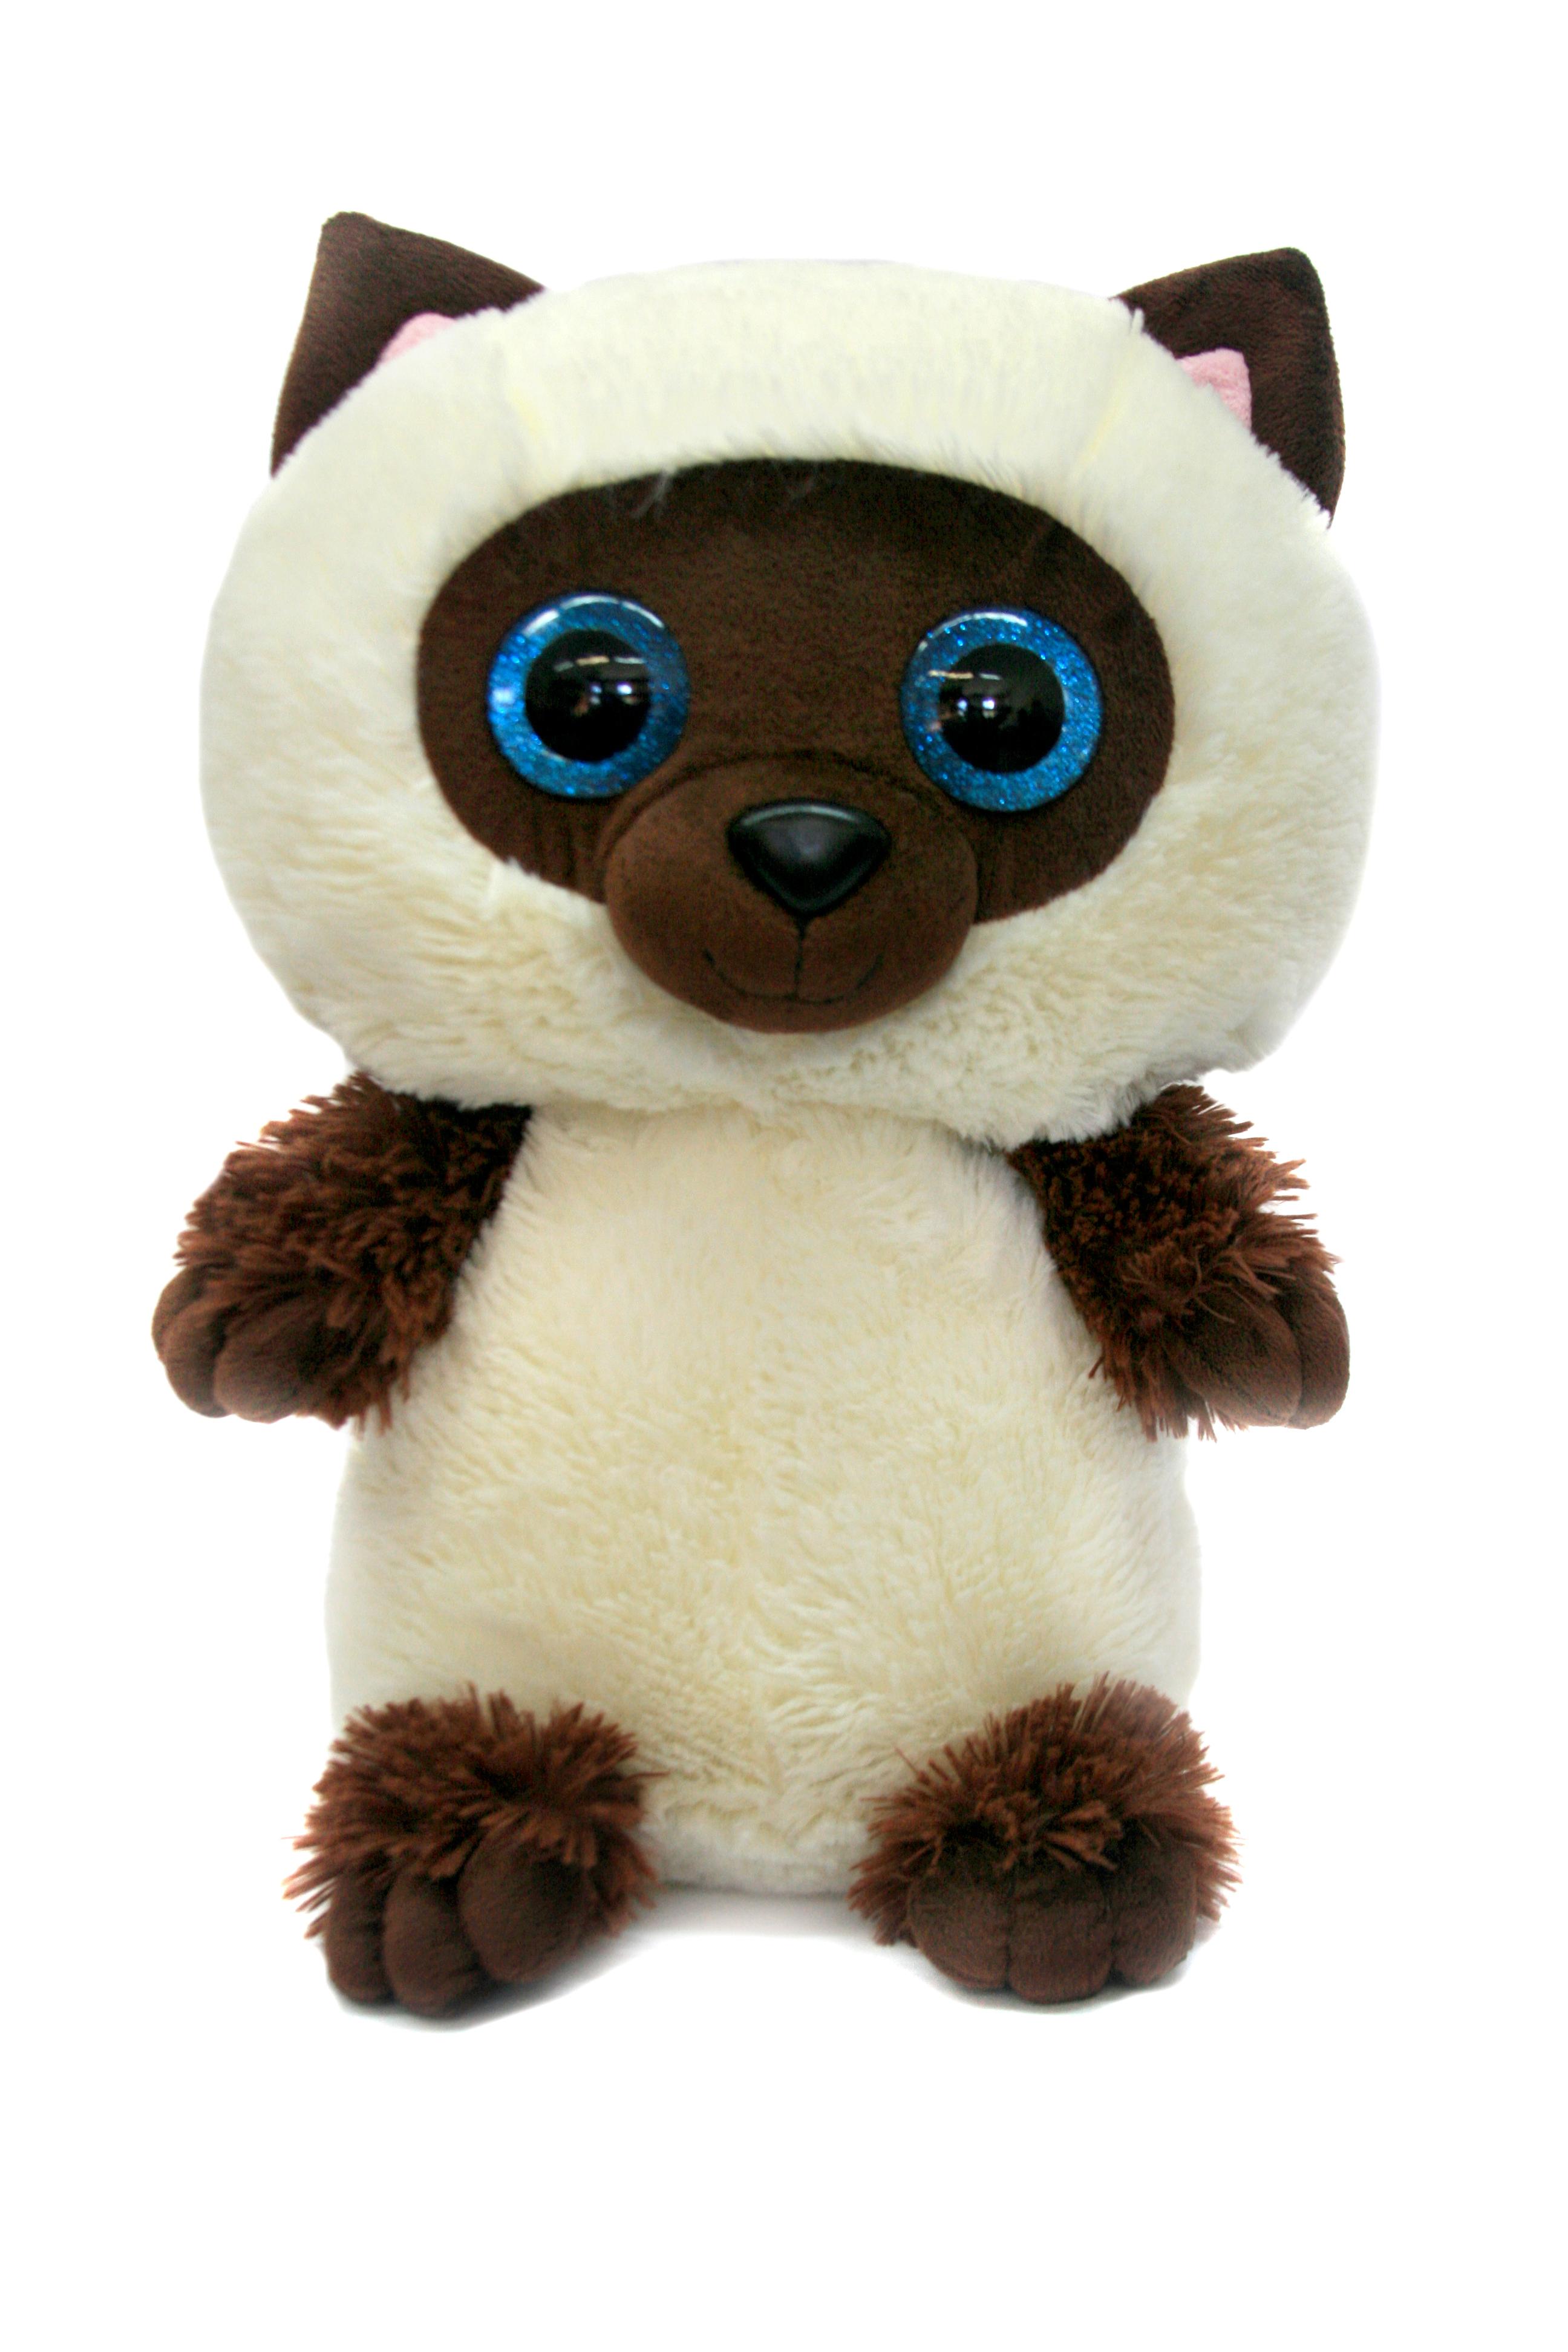 Мягкие игрушки СмолТойс Мягкая игрушка СмолТойс «Котенок глазастик» 35 см игрушка арт 1805 36 мягкая игрушка котенок трехшерстный м